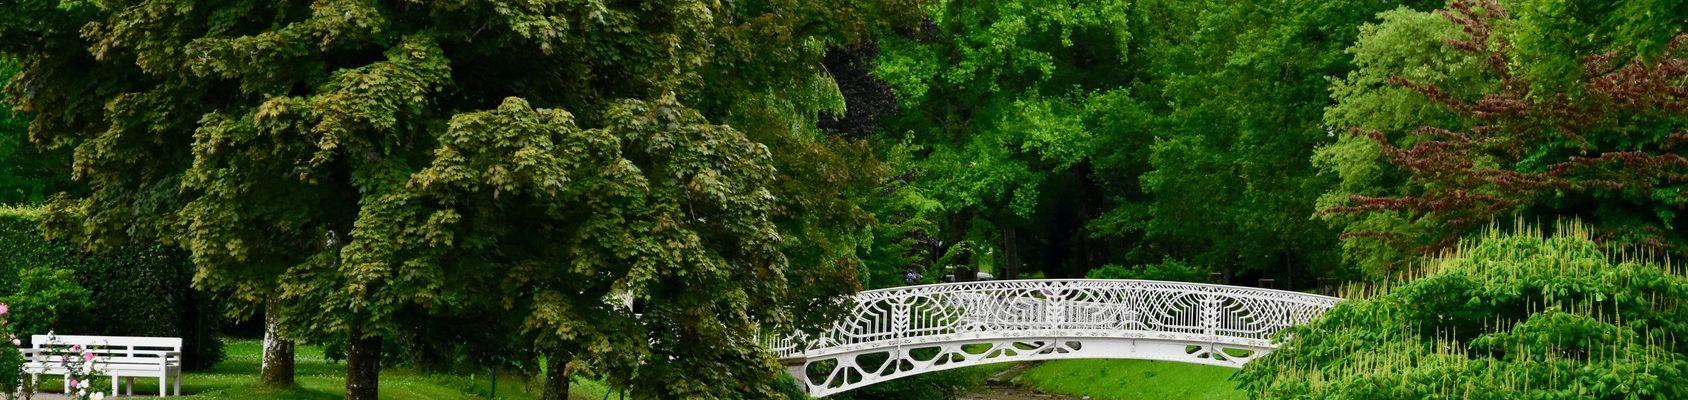 Brücke im Kurpark von Baden-Baden